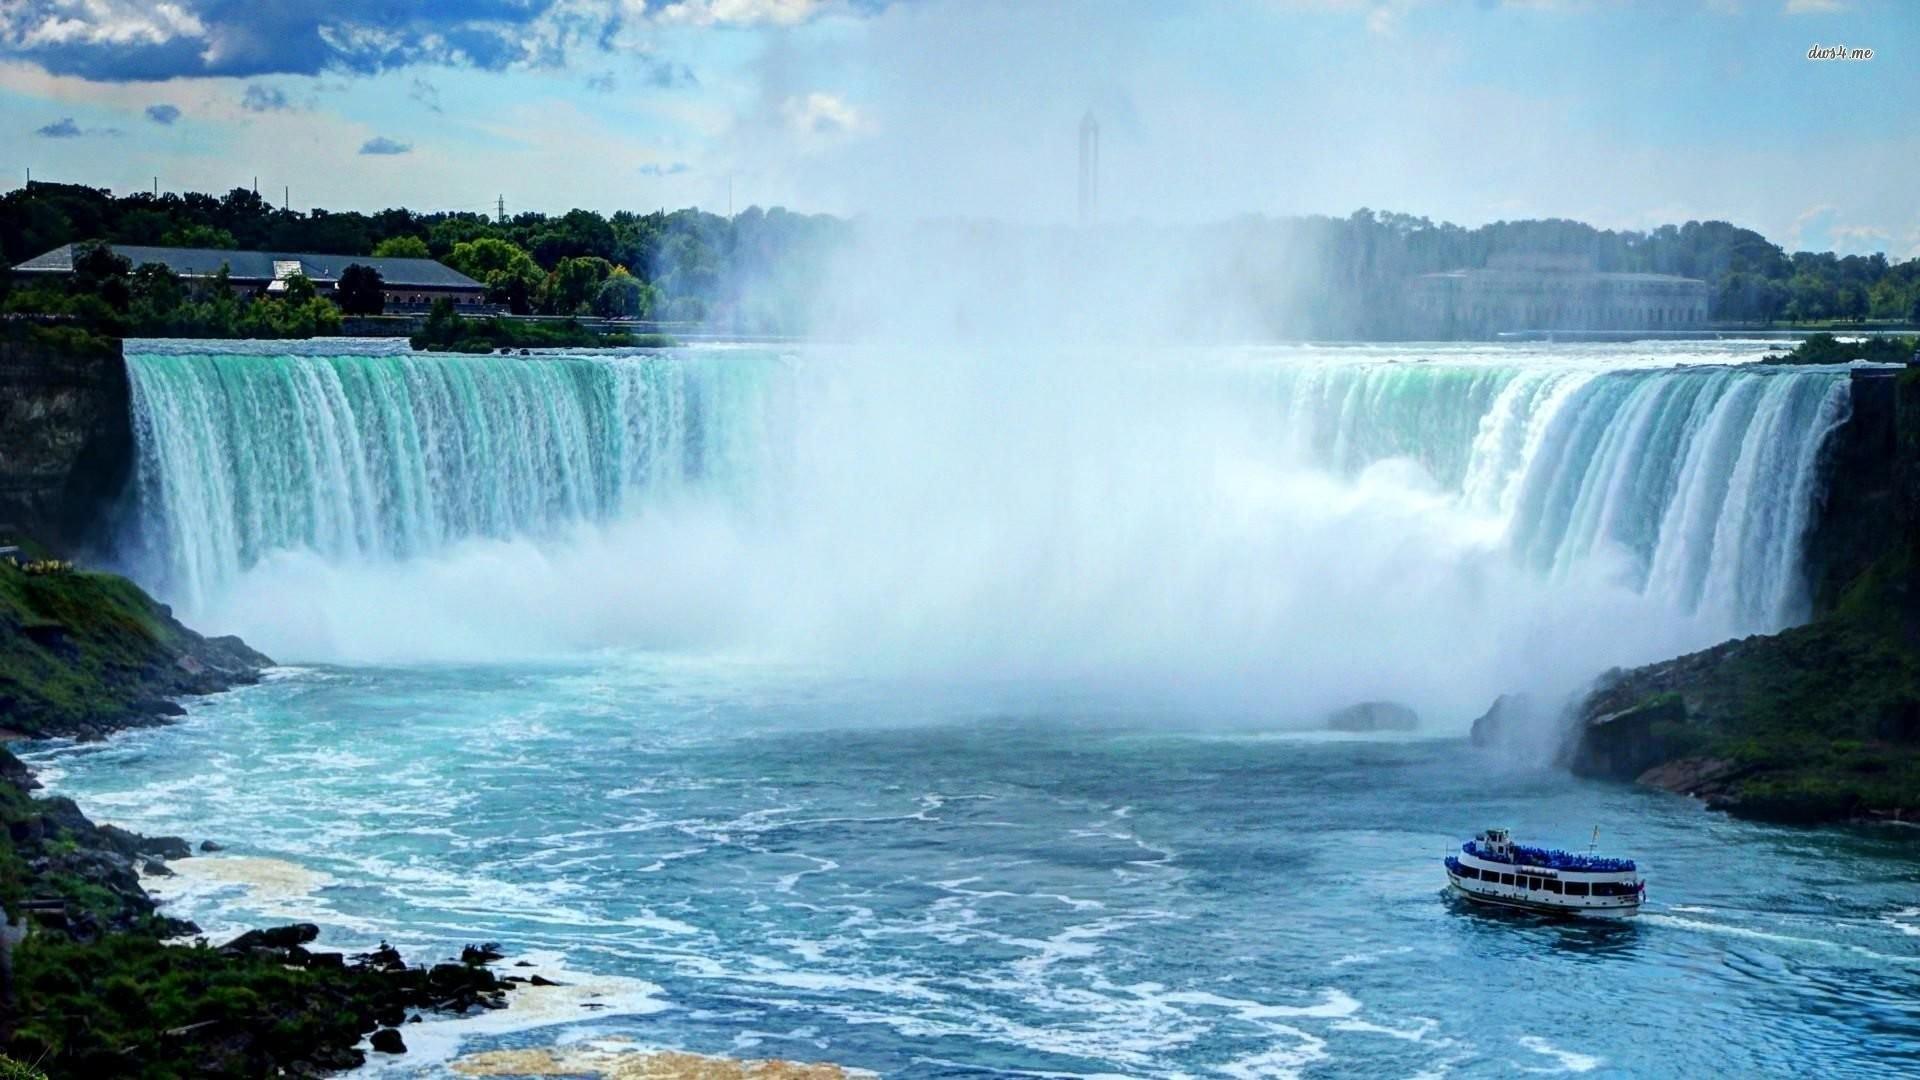 Niagara Falls Wallpaper Iphone Die 93 Besten Natur Und Wasserfall Hintergrundbilder Hd